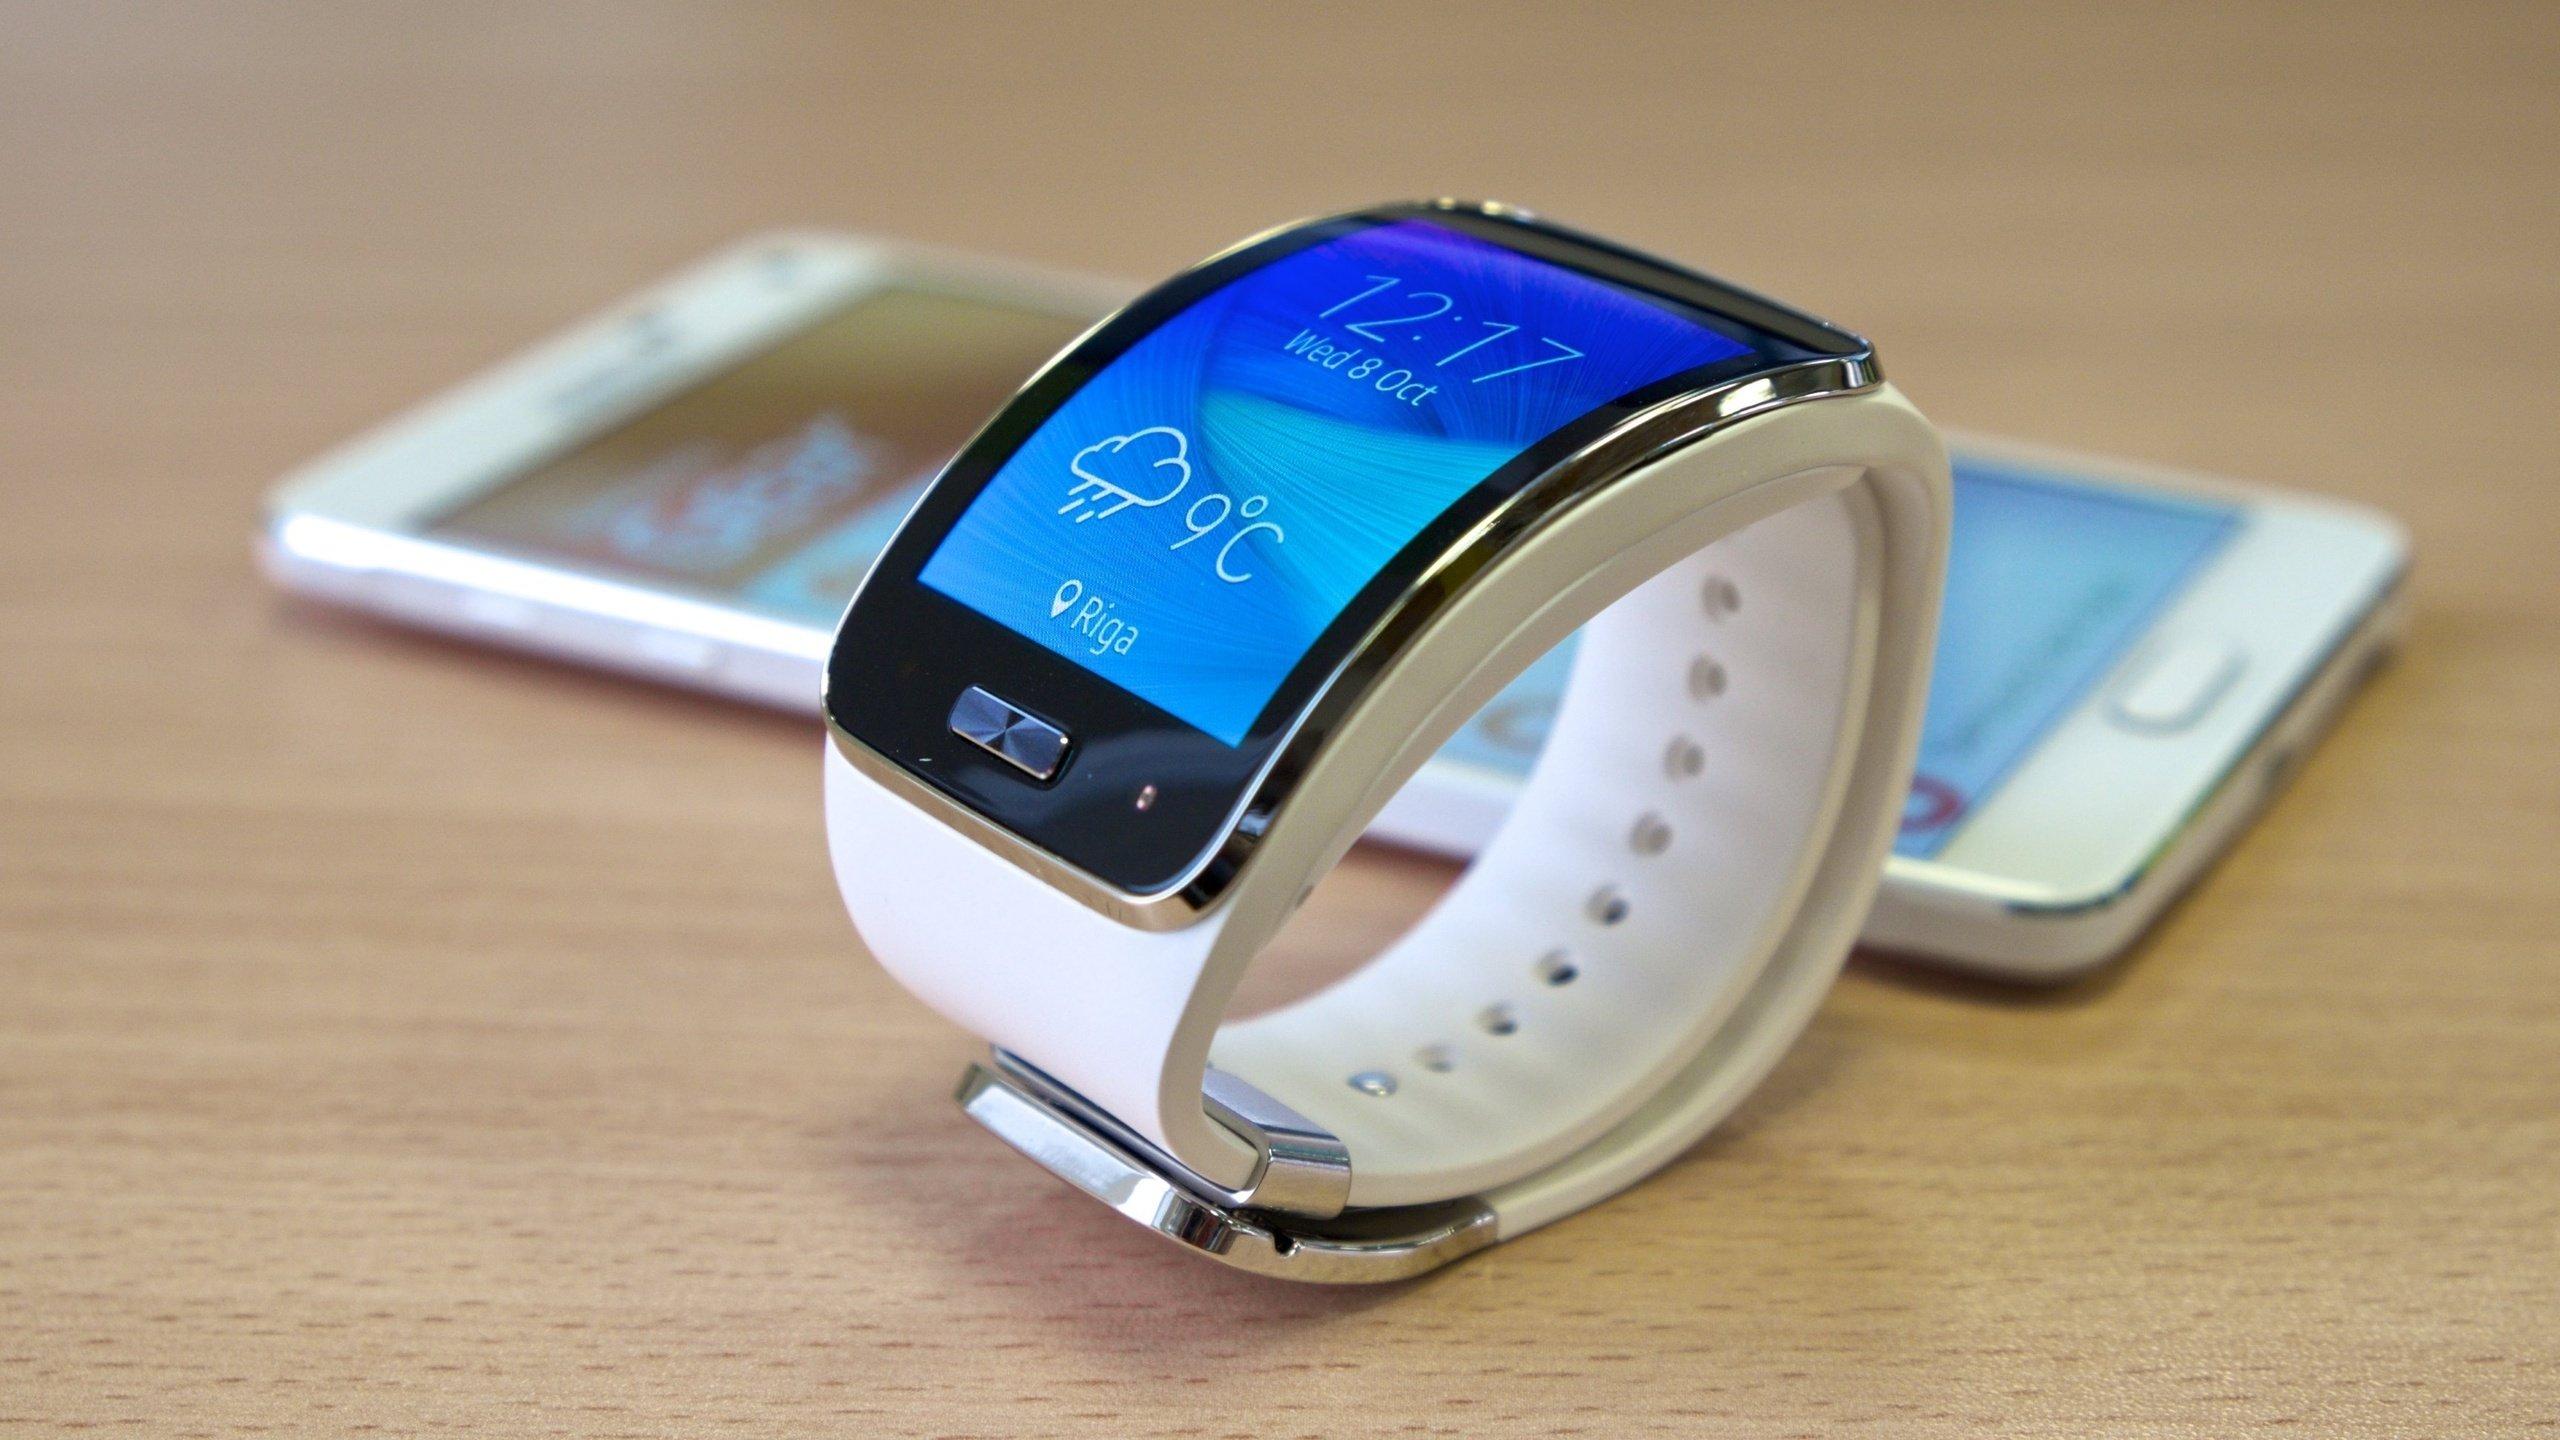 Умные часы samsung открывают новые возможности и новые сферы использования.